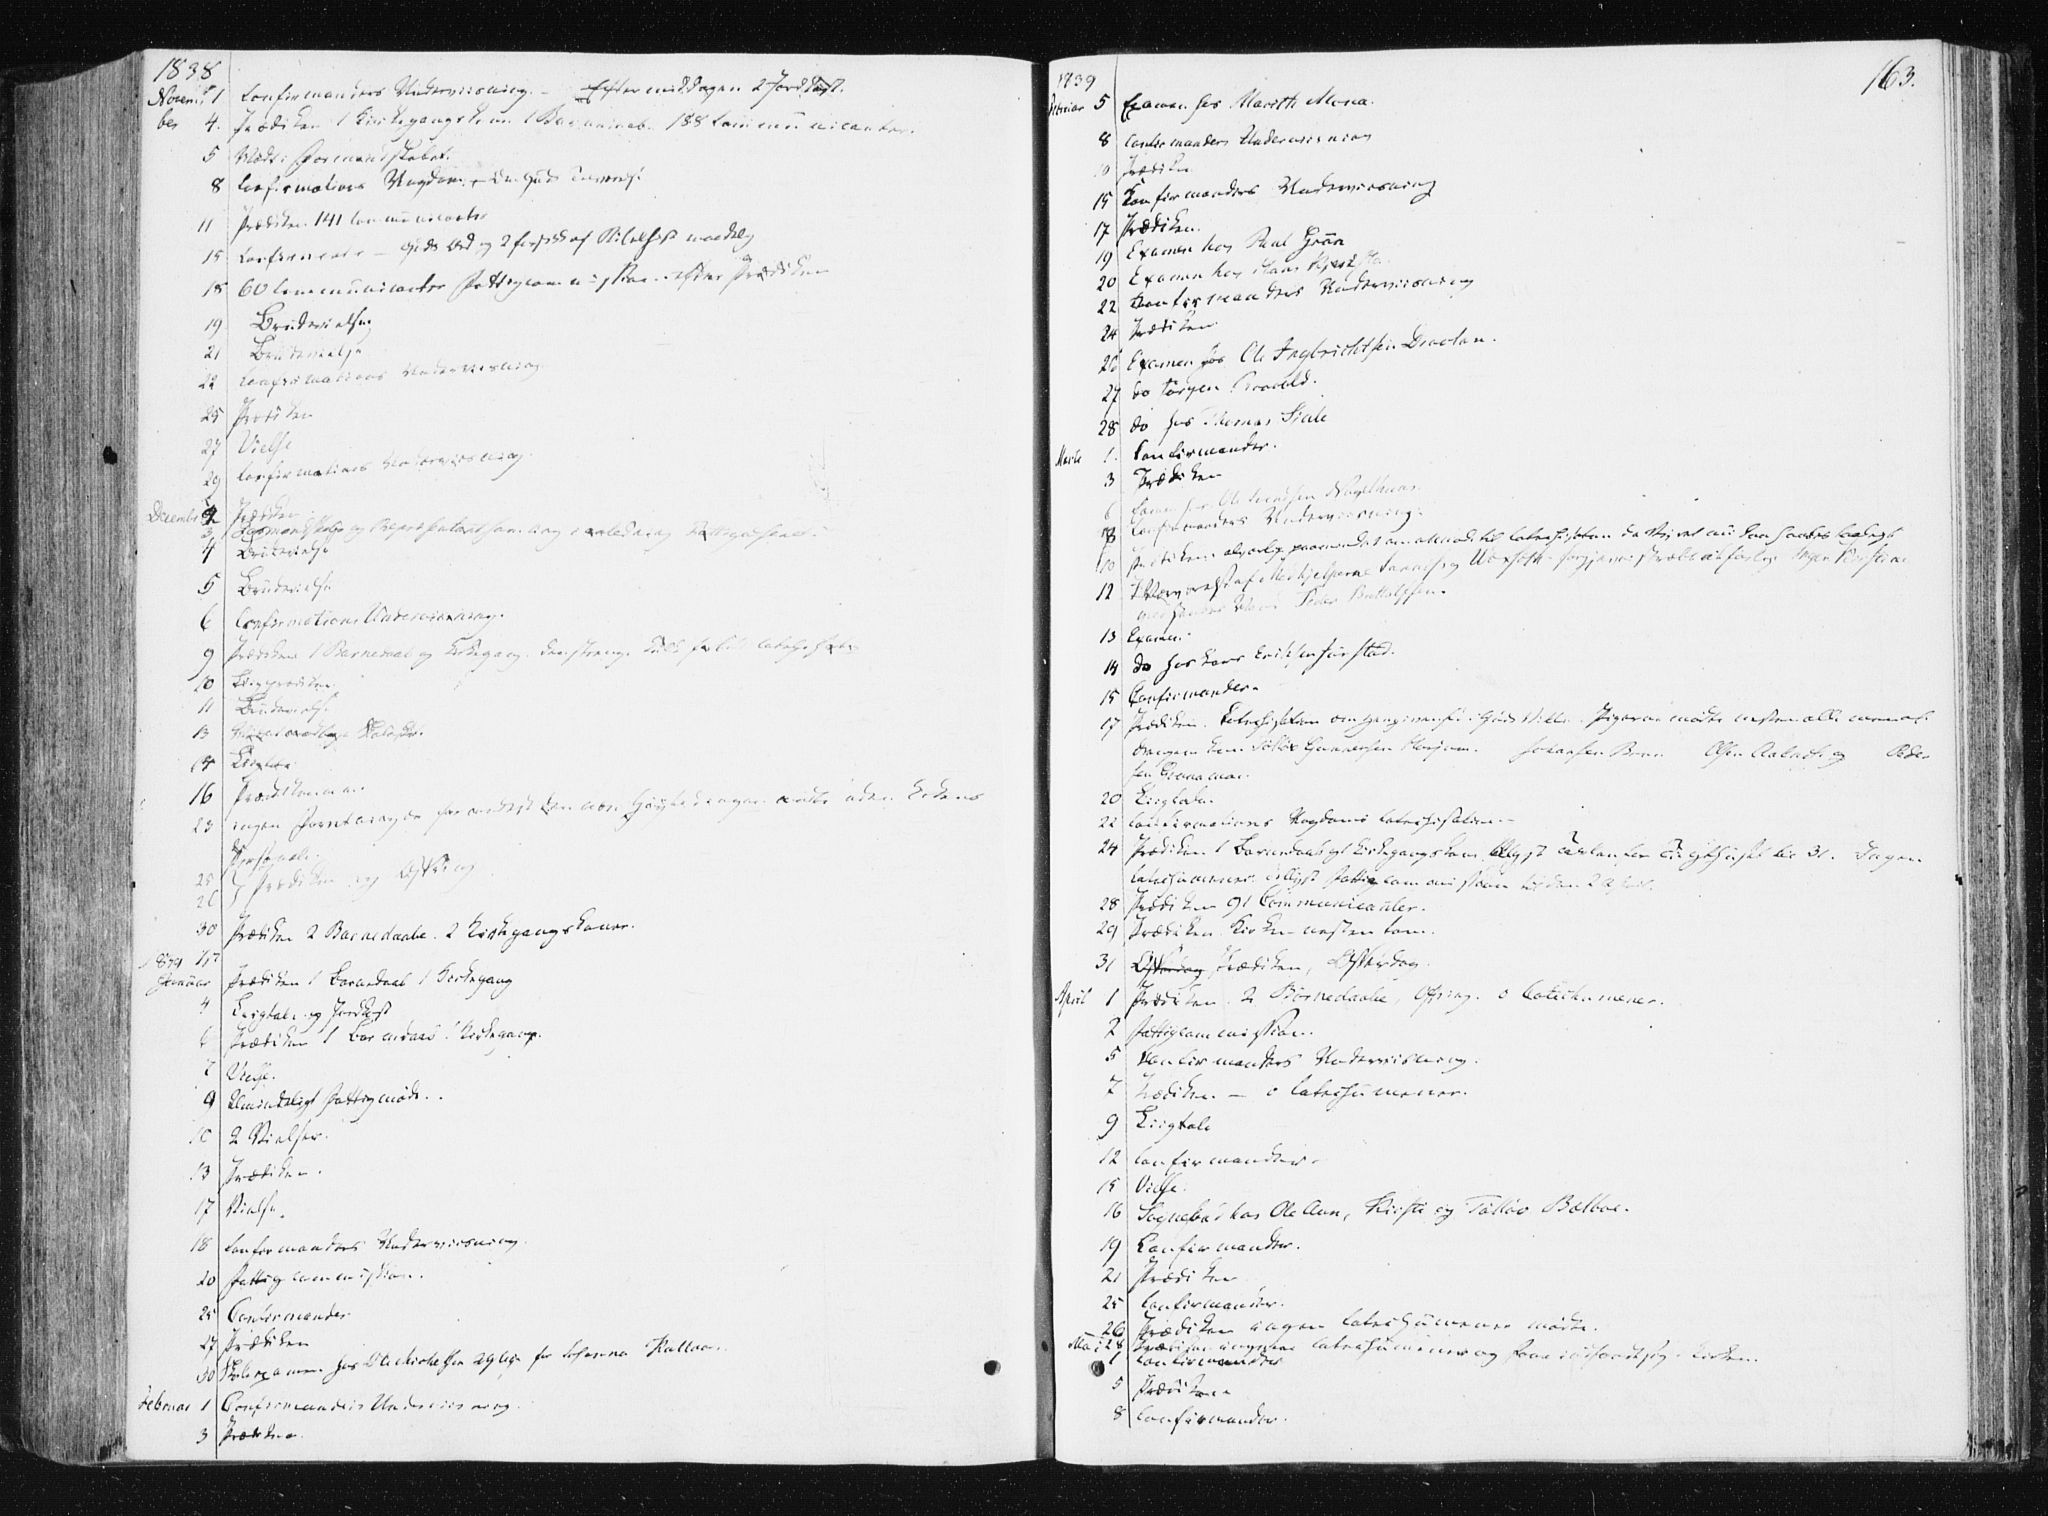 SAT, Ministerialprotokoller, klokkerbøker og fødselsregistre - Nord-Trøndelag, 749/L0470: Ministerialbok nr. 749A04, 1834-1853, s. 163